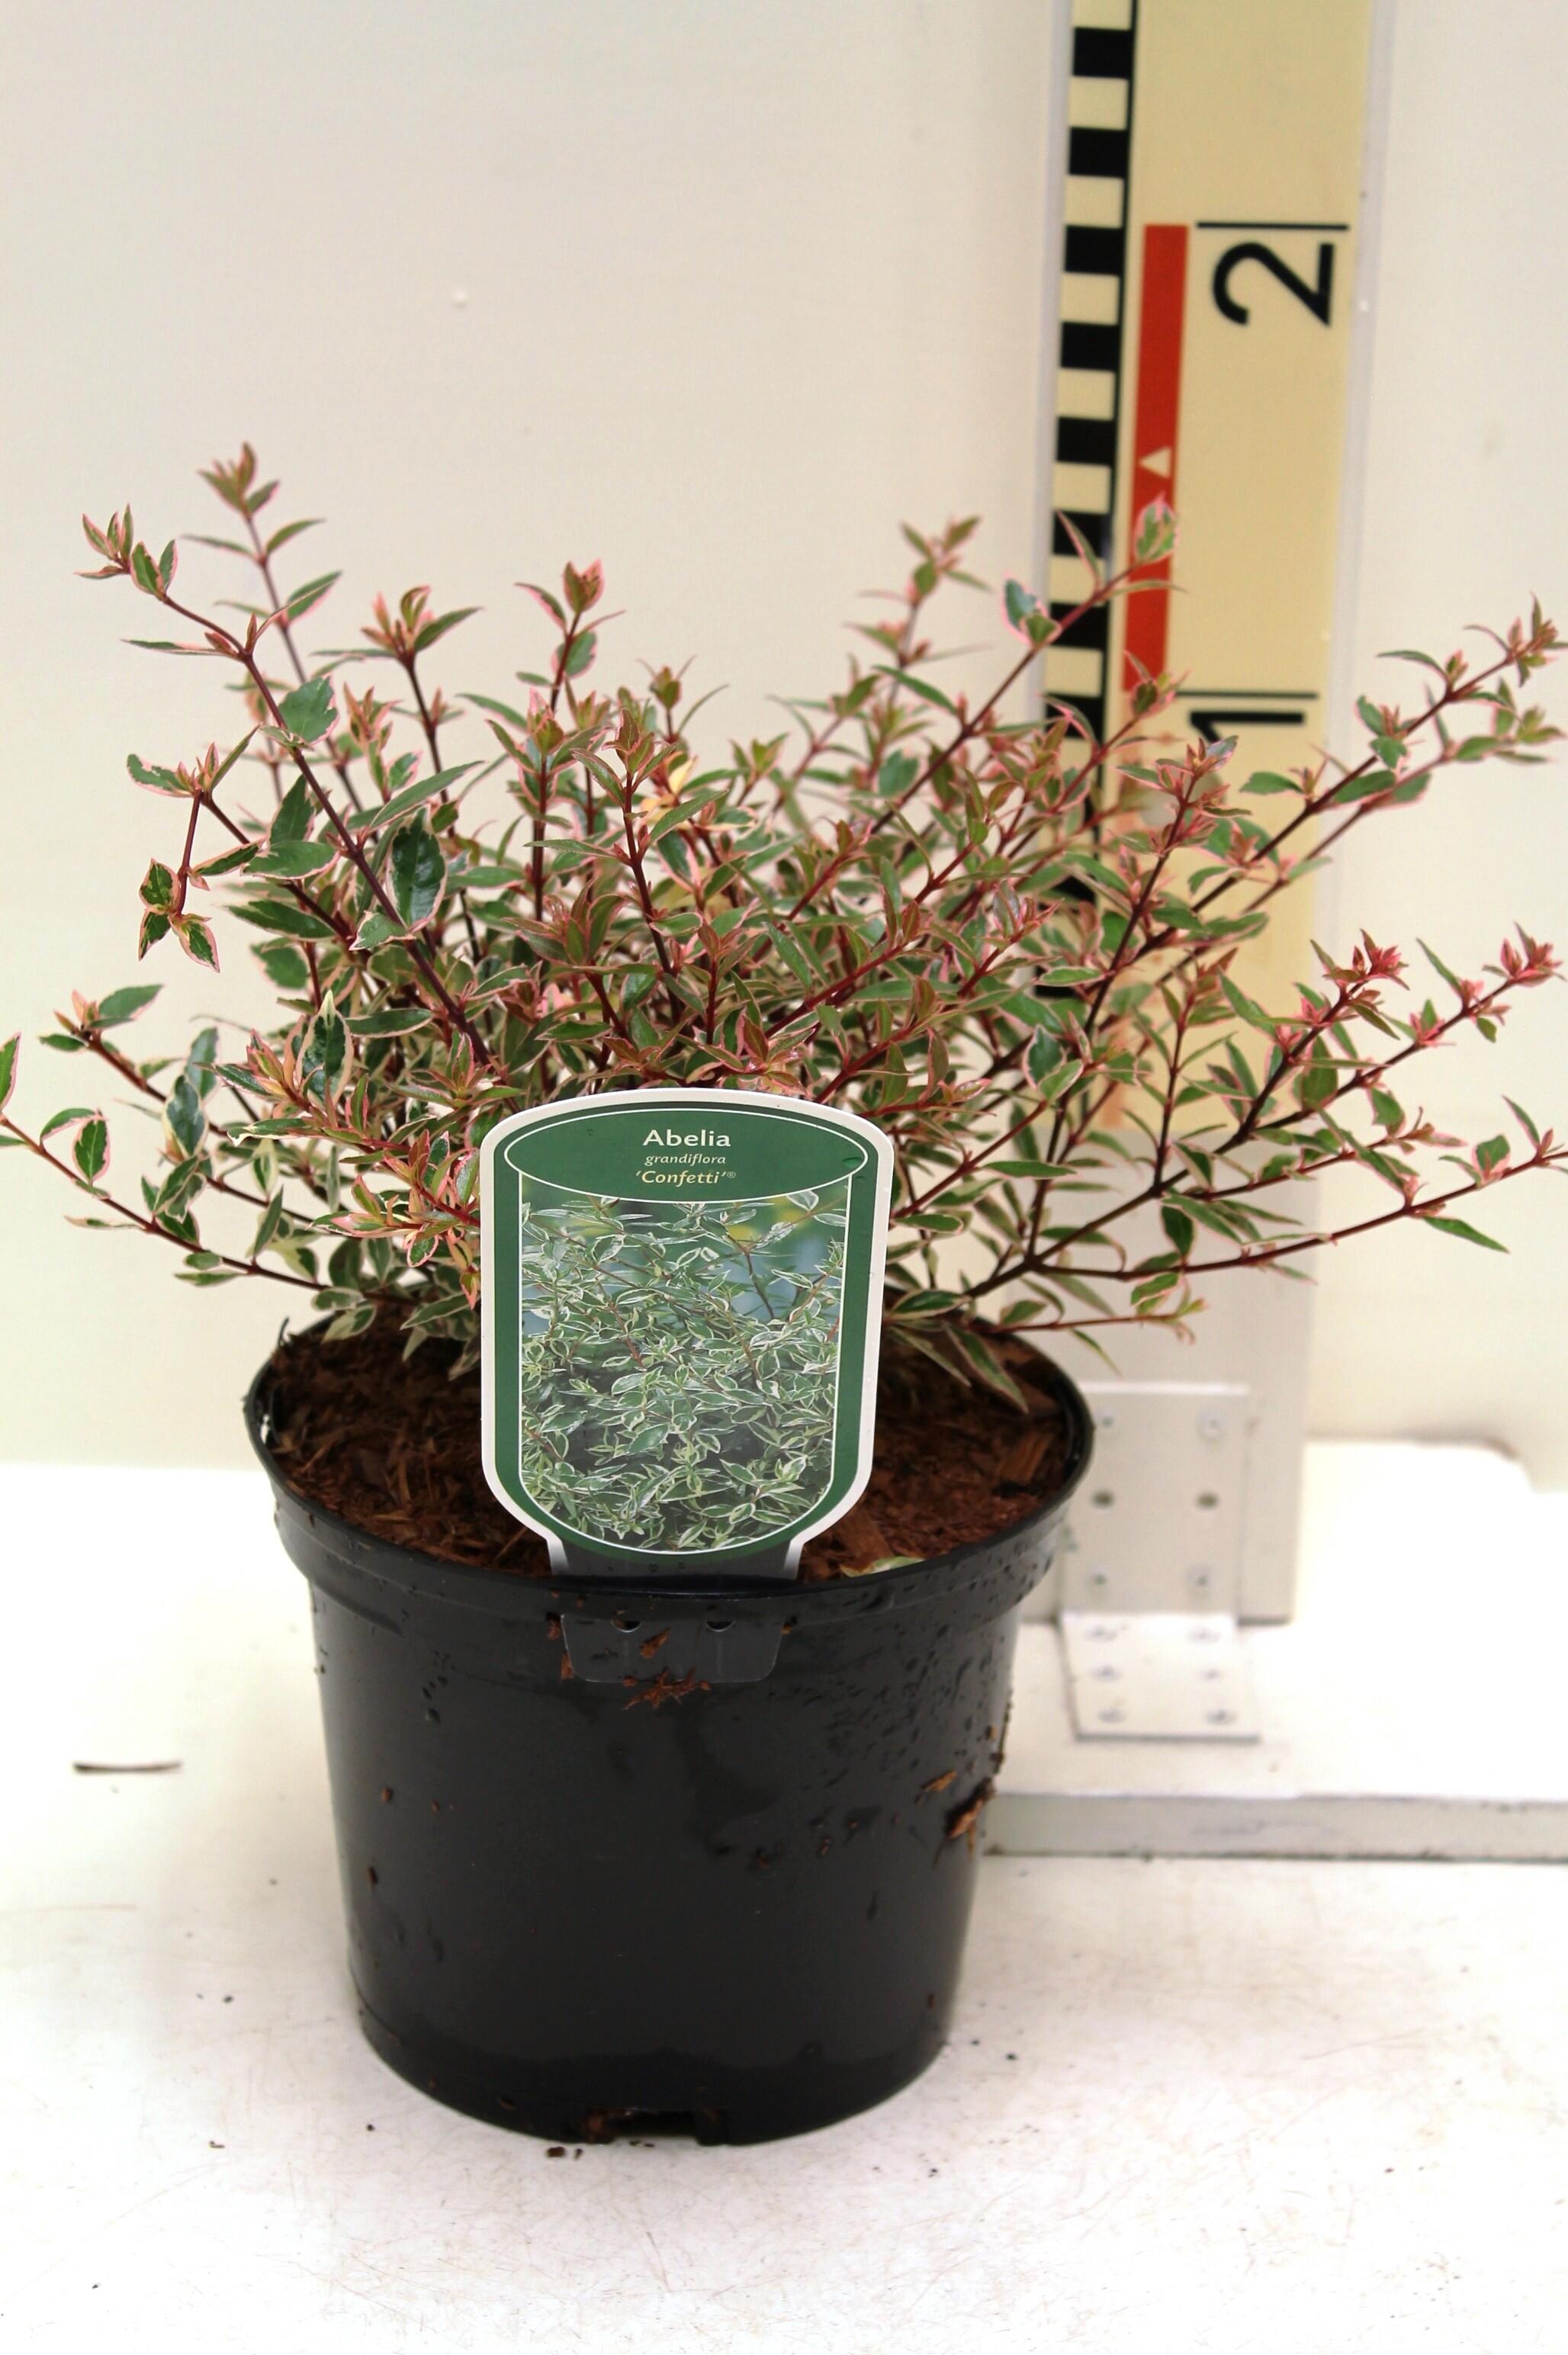 Abelia Grandiflora Conti